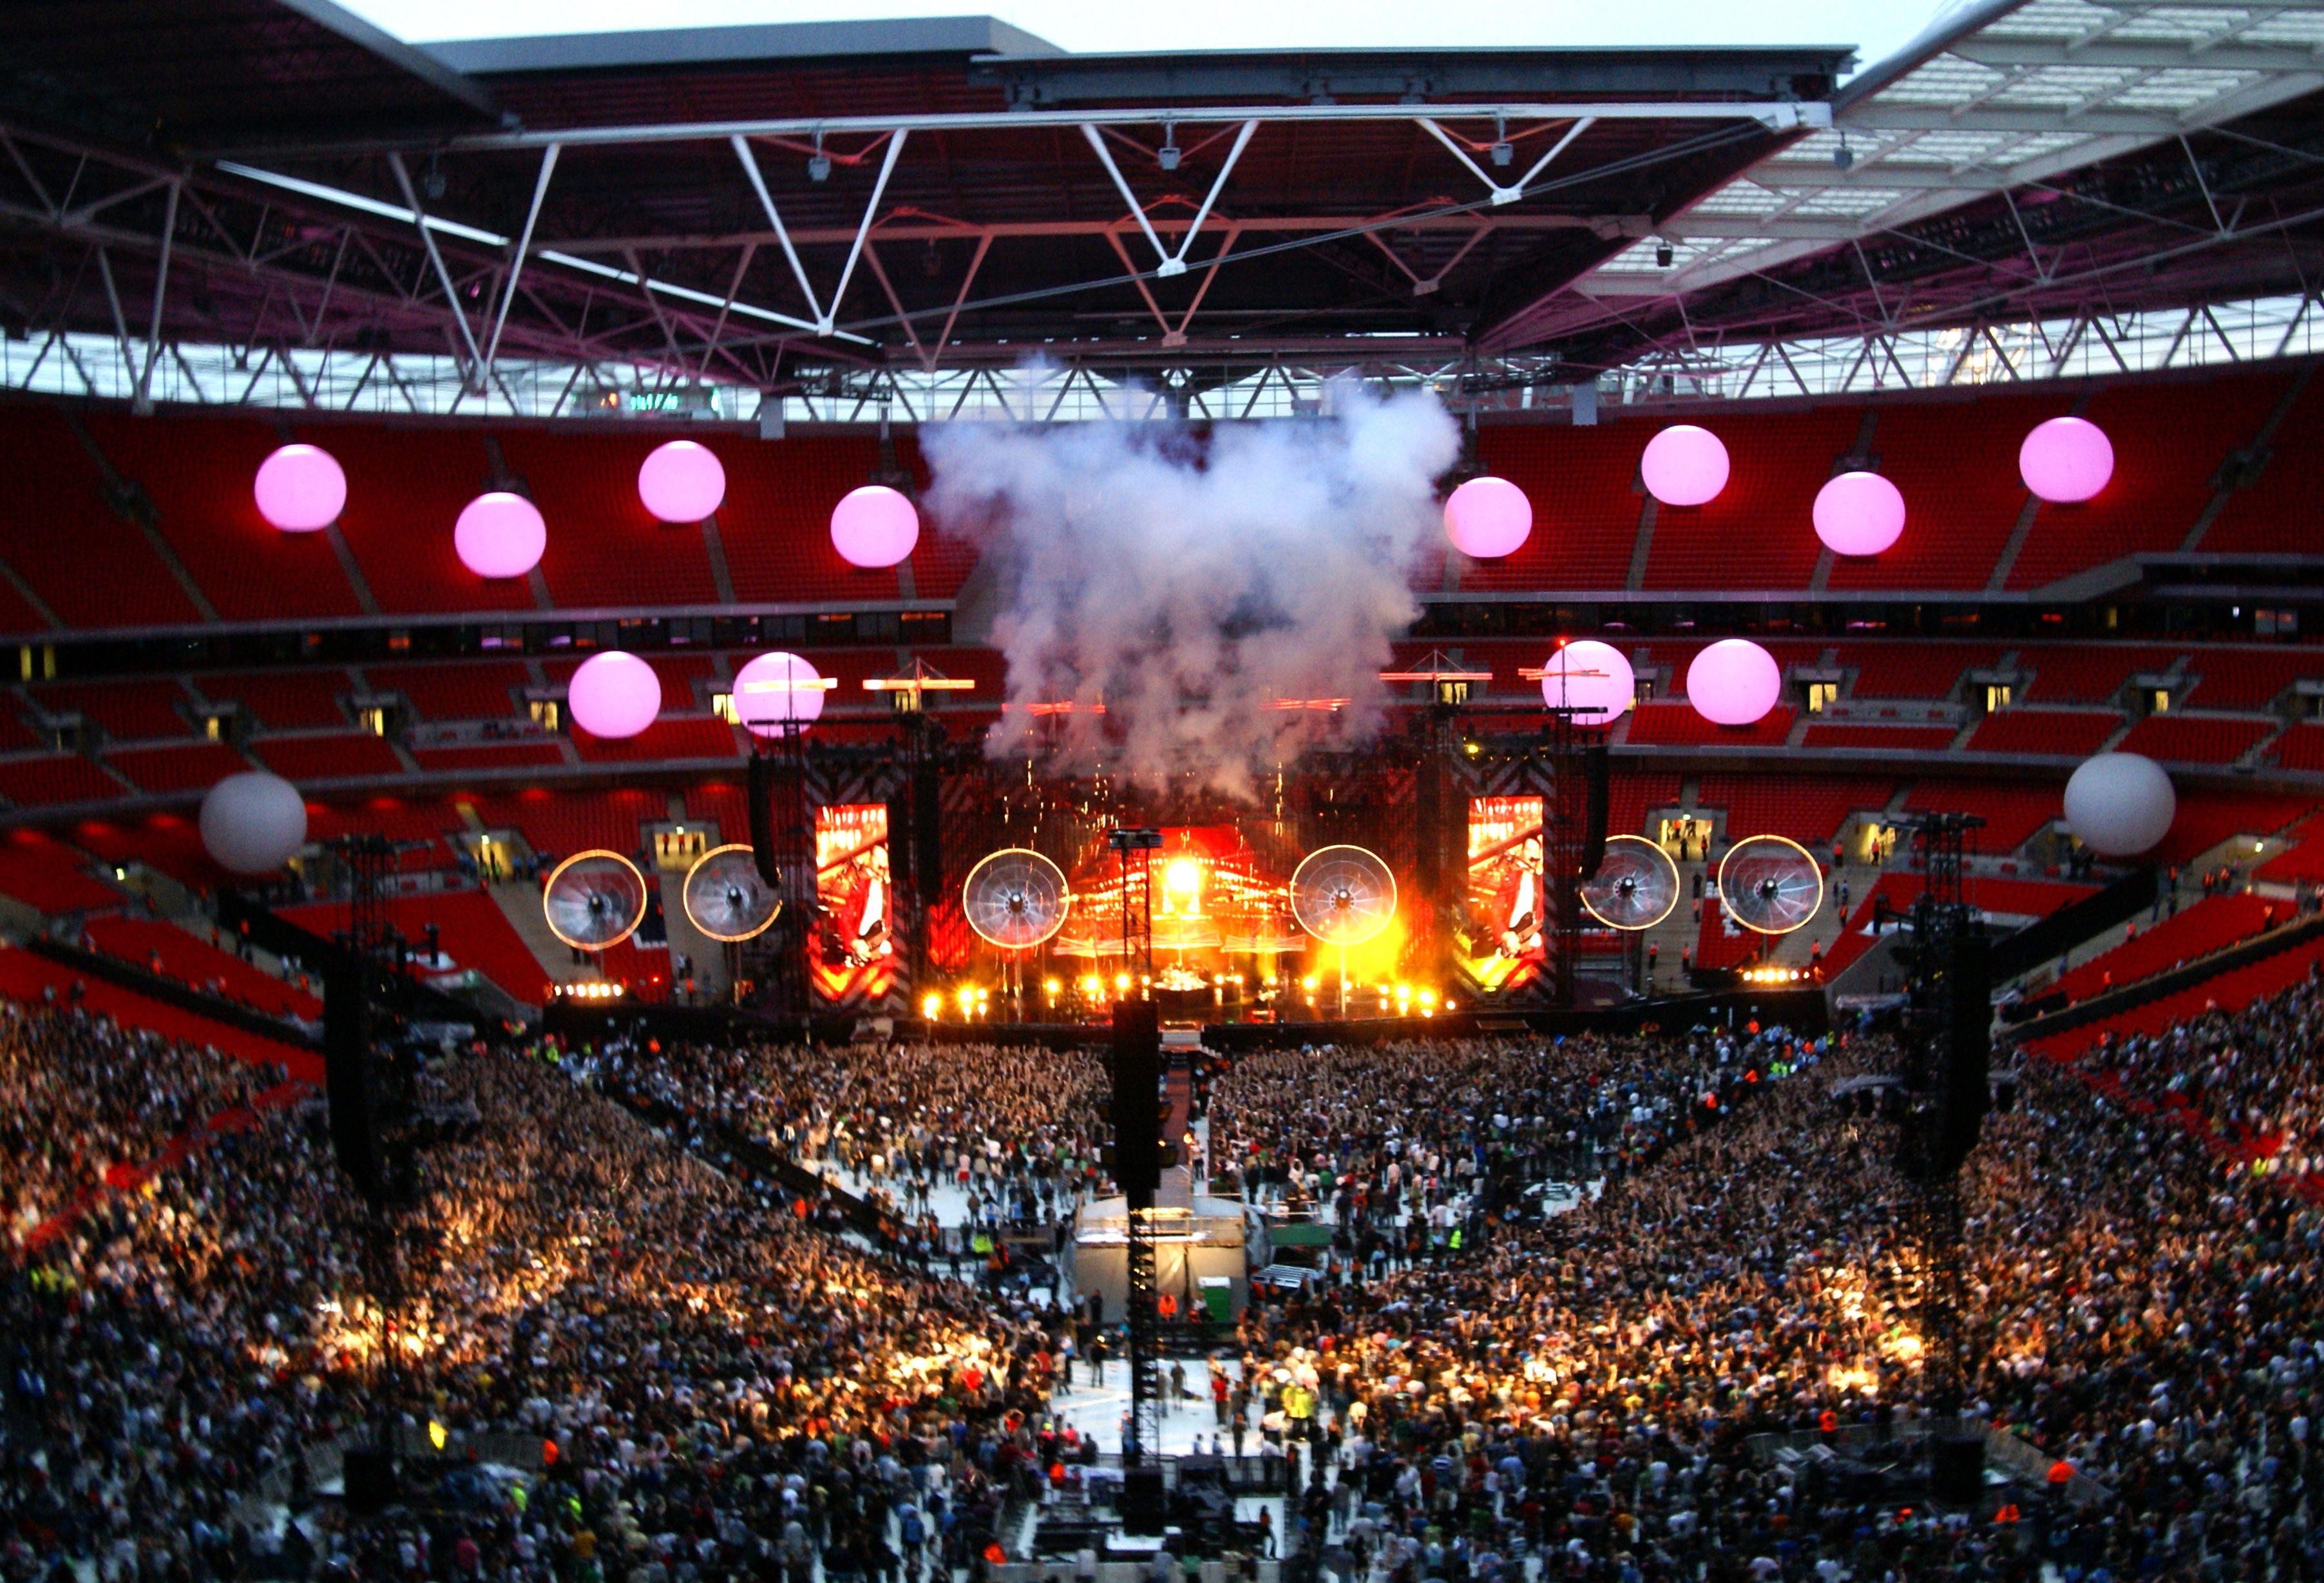 Panoramio - Photo of Muse at Wembley Stadium